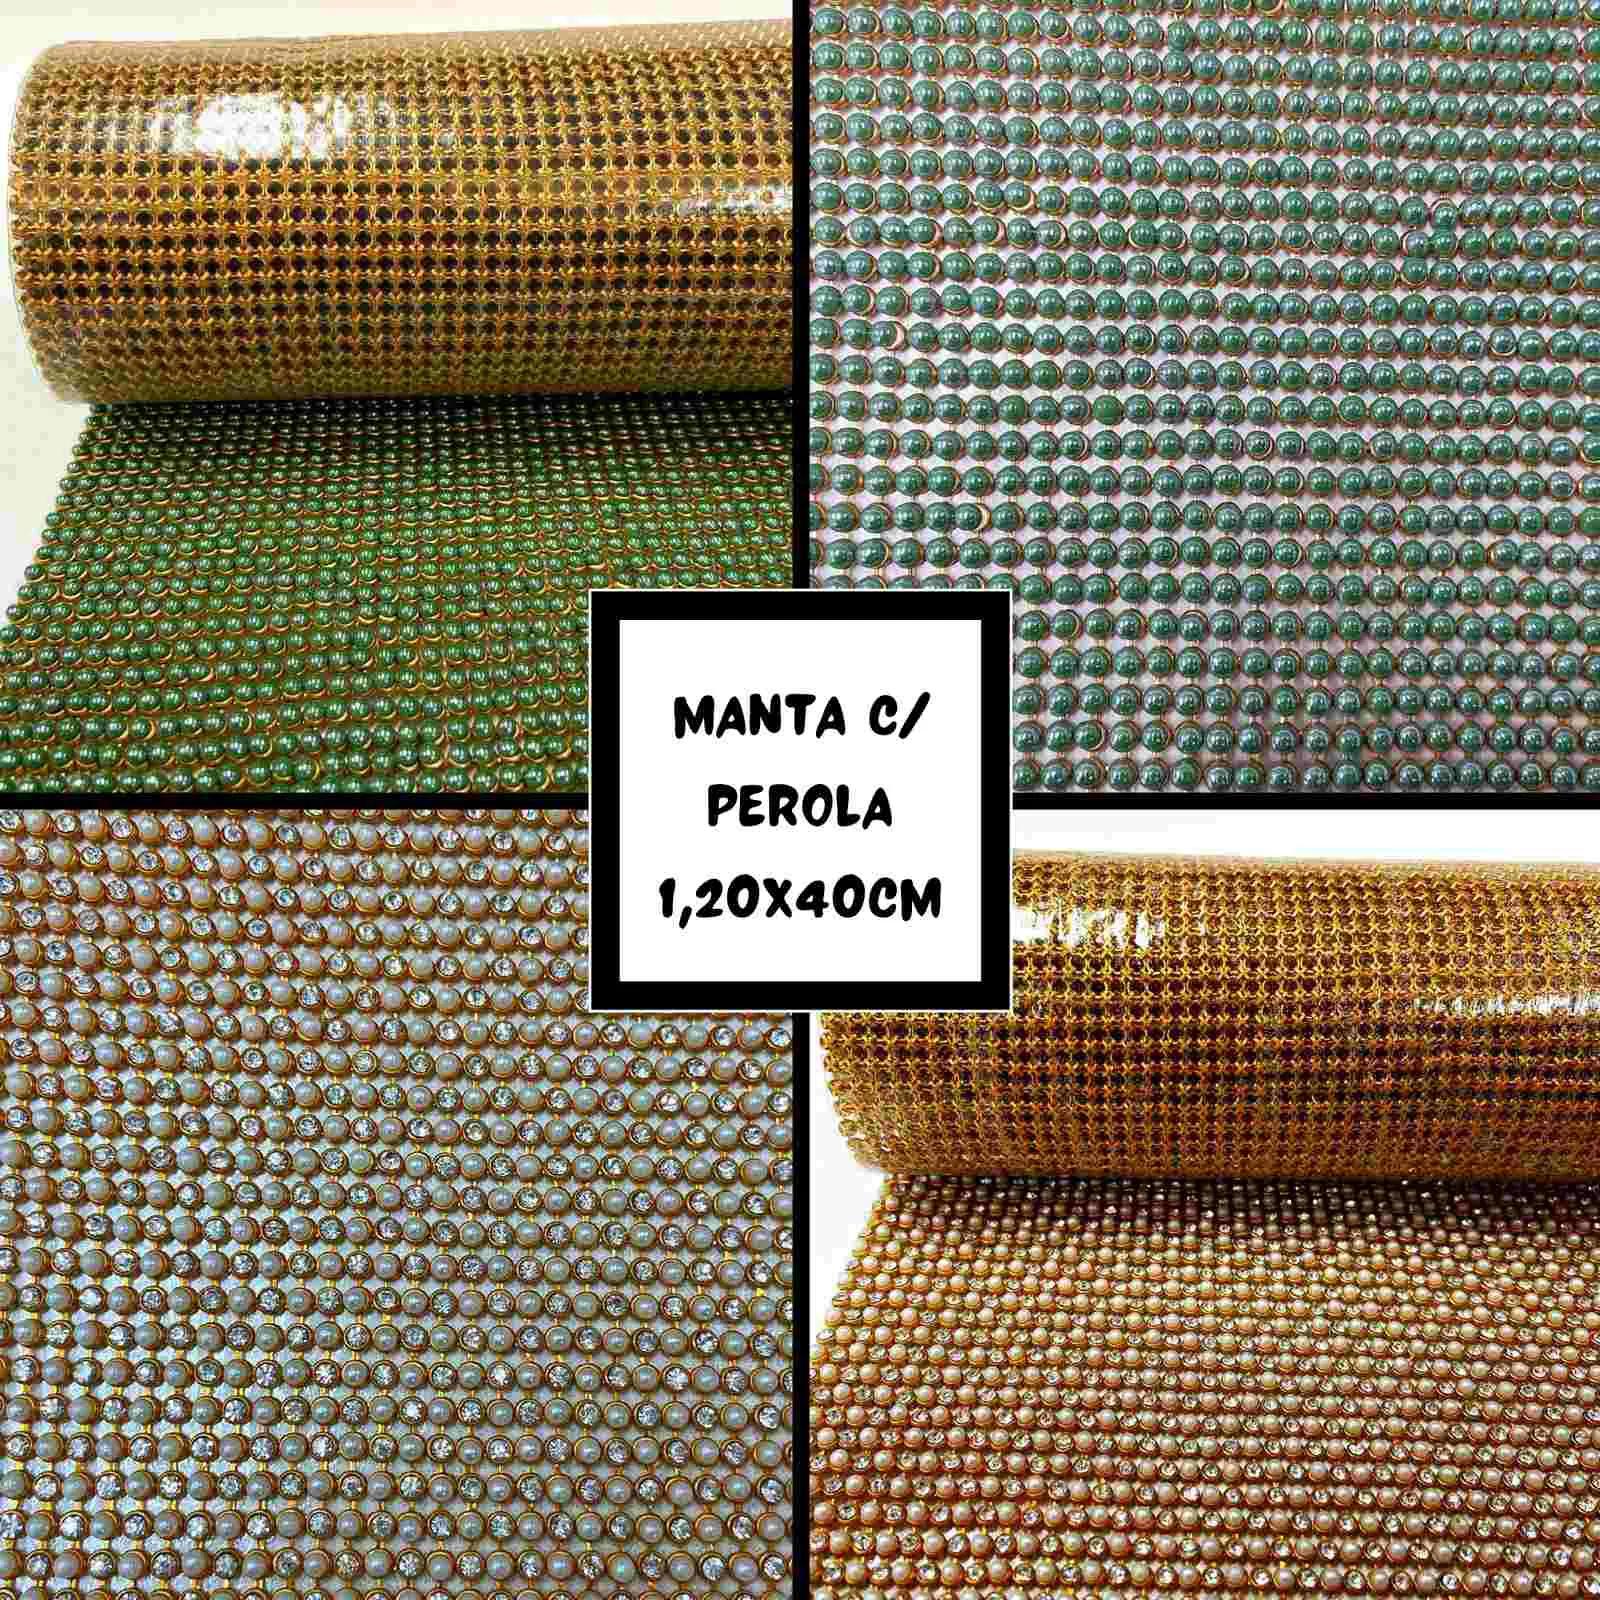 Manta C/Pérola 0,45x1,20